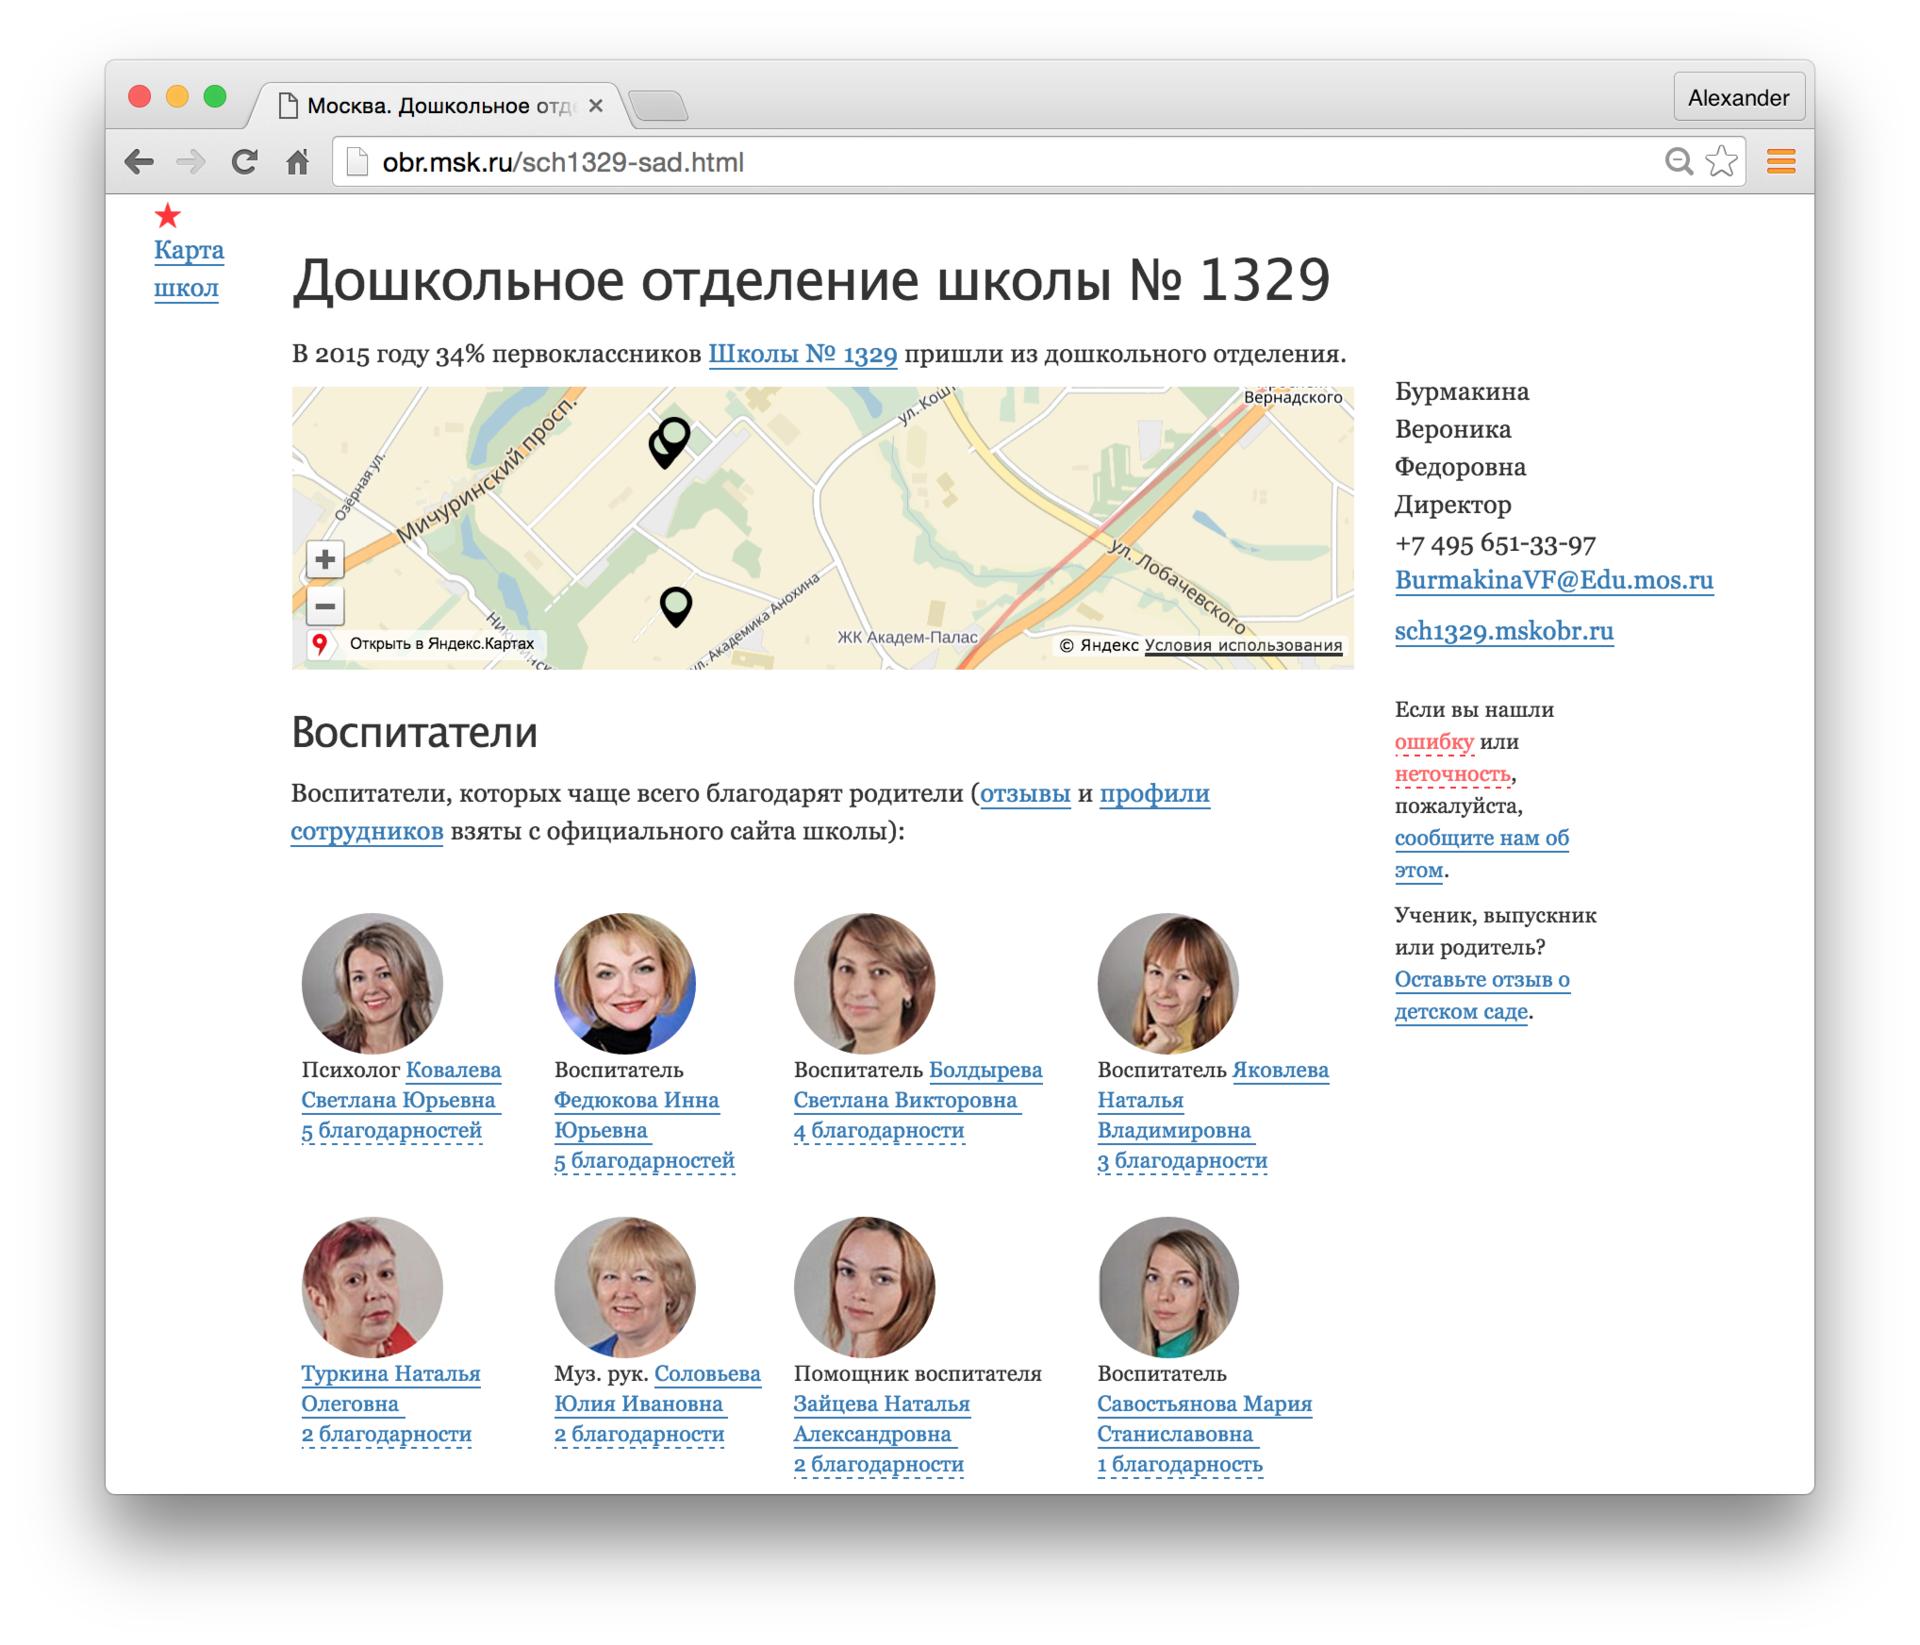 Наташа — библиотека для извлечения структурированной информации из текстов на русском языке - 2